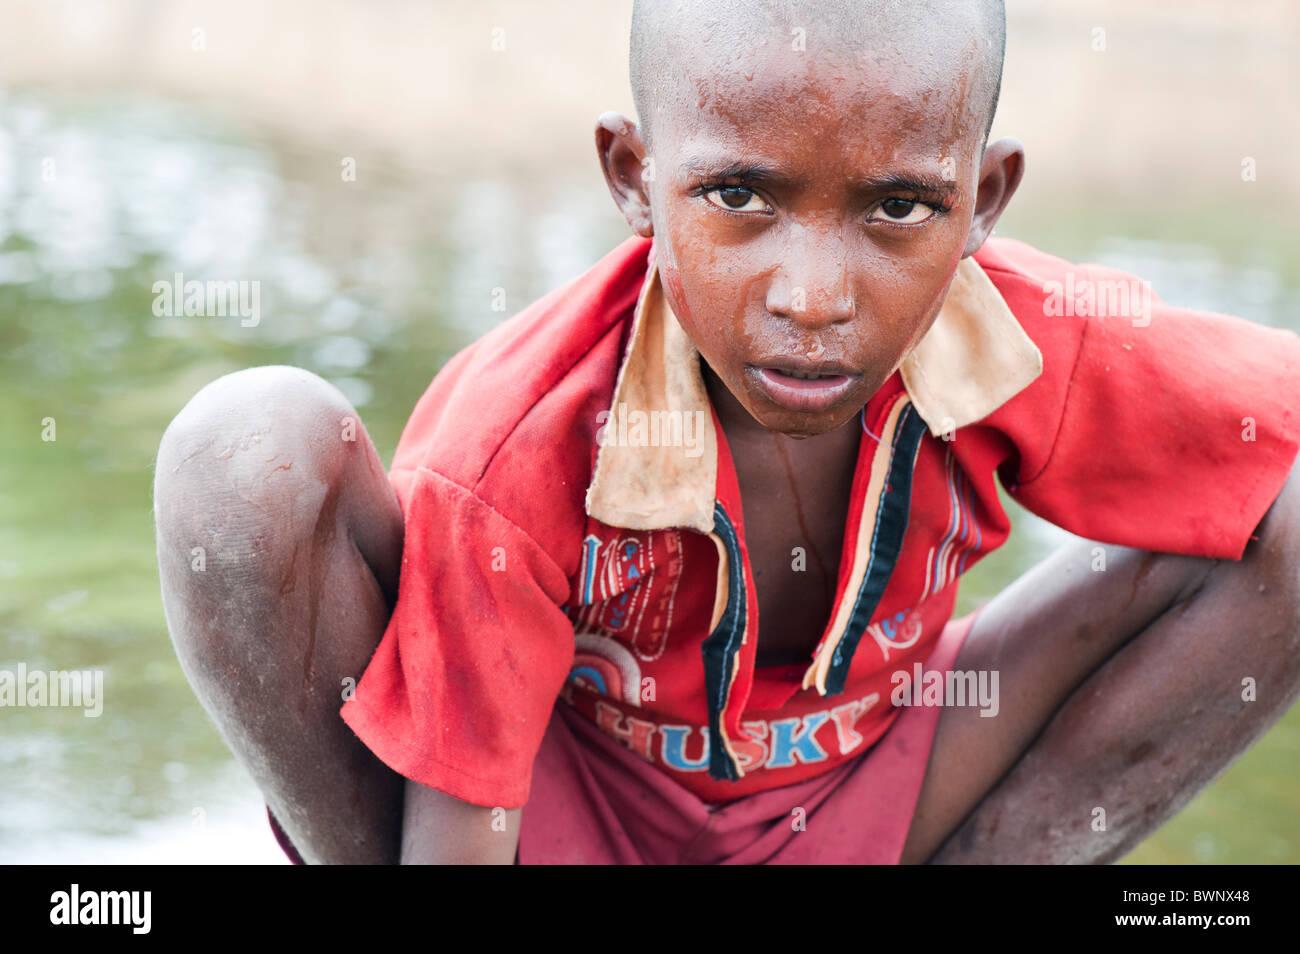 Indian street boy lavando e acqua potabile in un fiume nella campagna indiana. Andhra Pradesh, India Immagini Stock